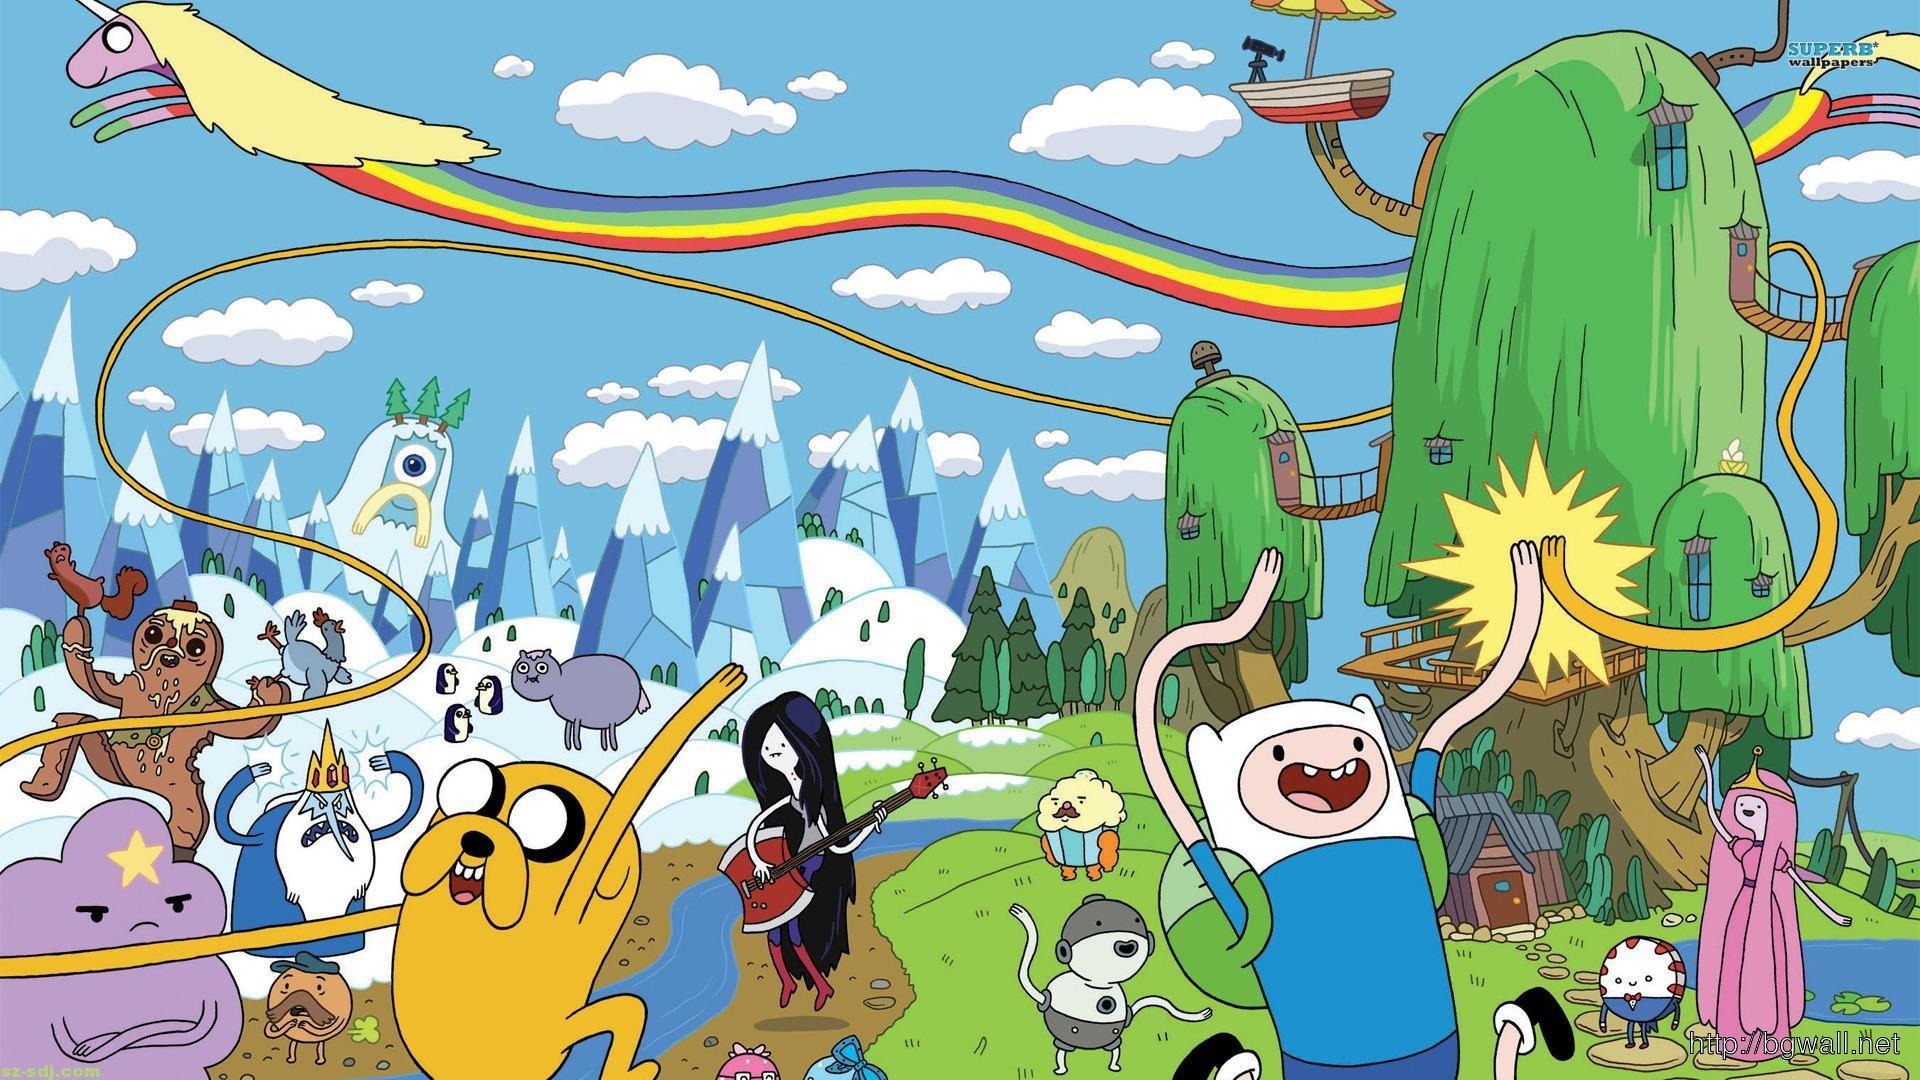 cartoon adventure time wallpaper – background wallpaper hd